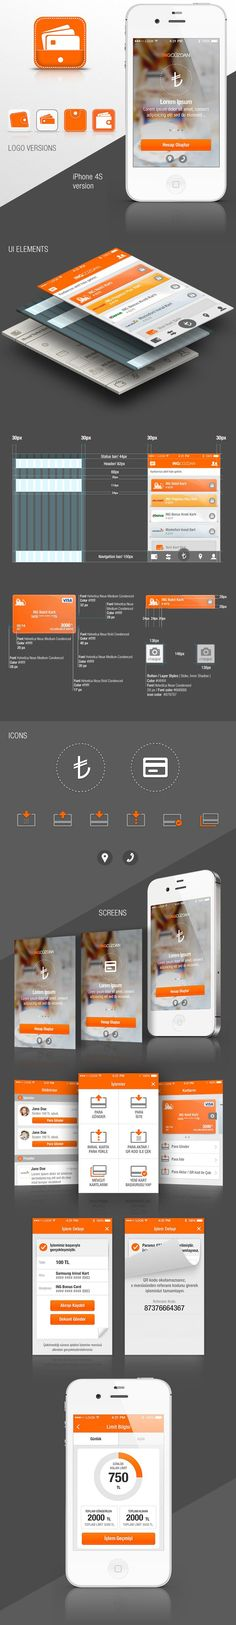 Daily Mobile UI Design Inspiration #295